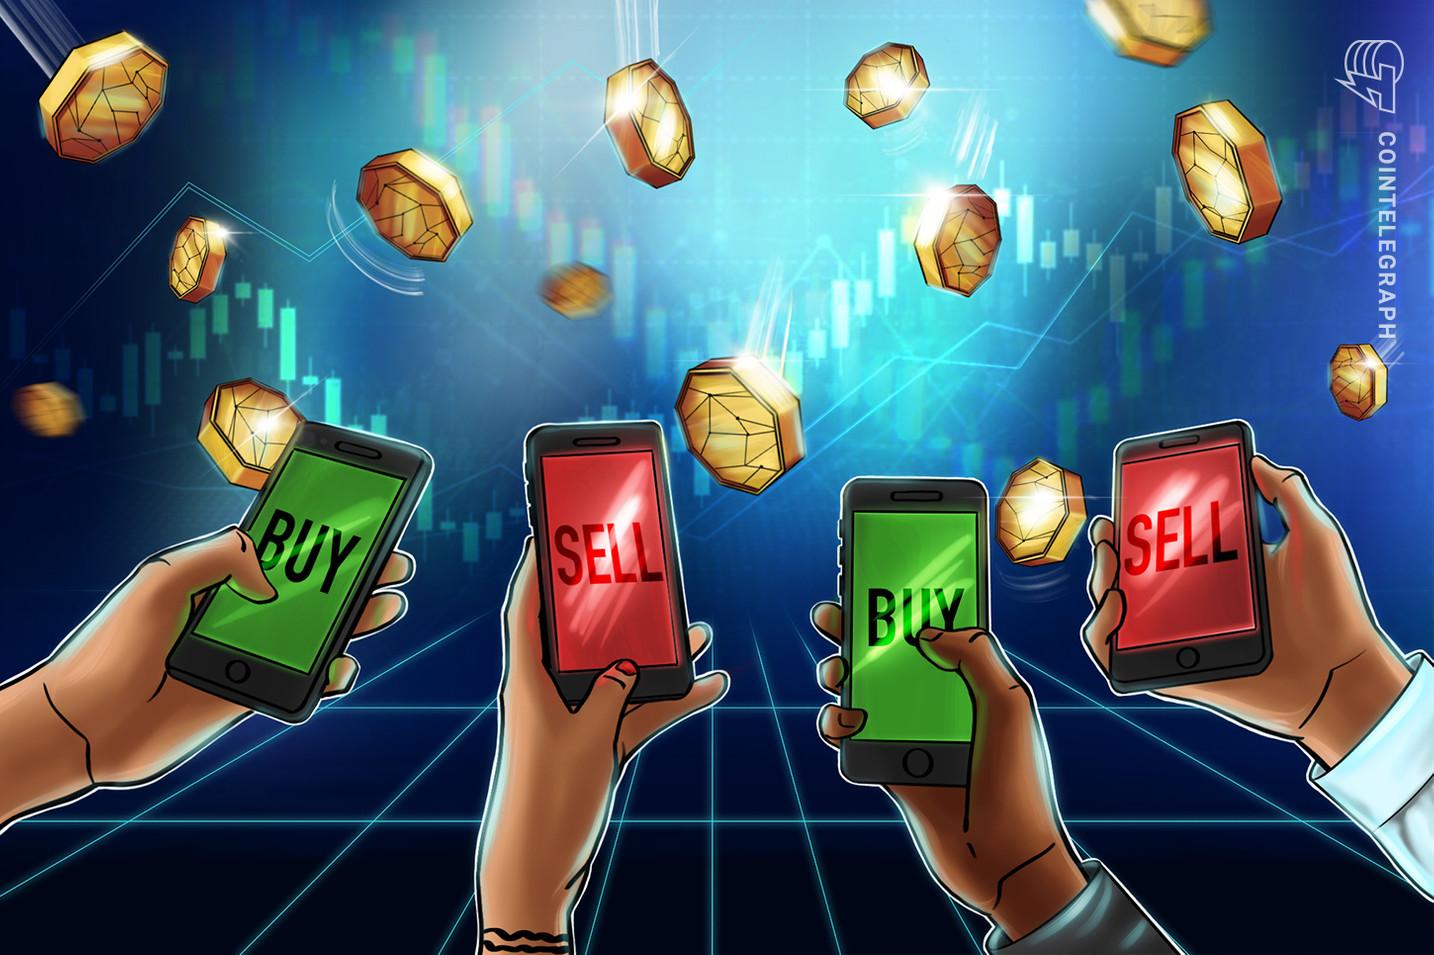 Los inversores minoristas e institucionales de todo el mundo muestran interés por Bitcoin